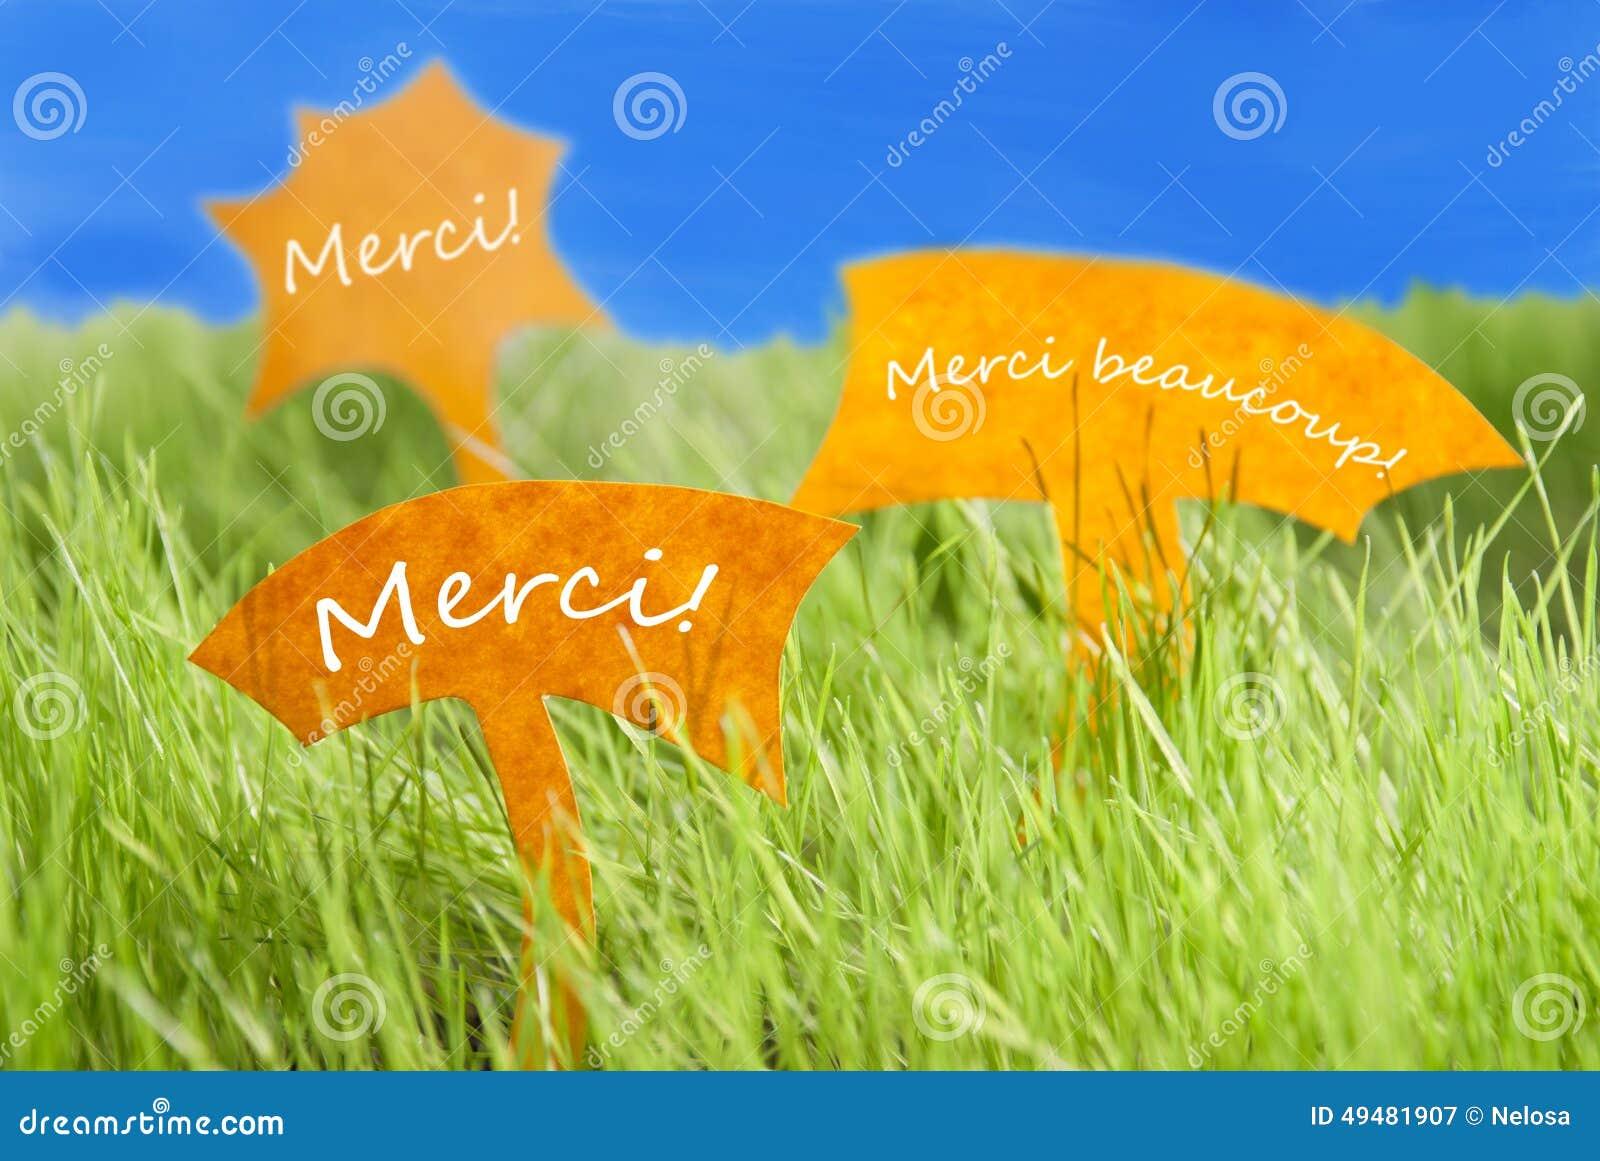 Trois labels avec le Français Merci que les moyens remercient vous et le ciel bleu